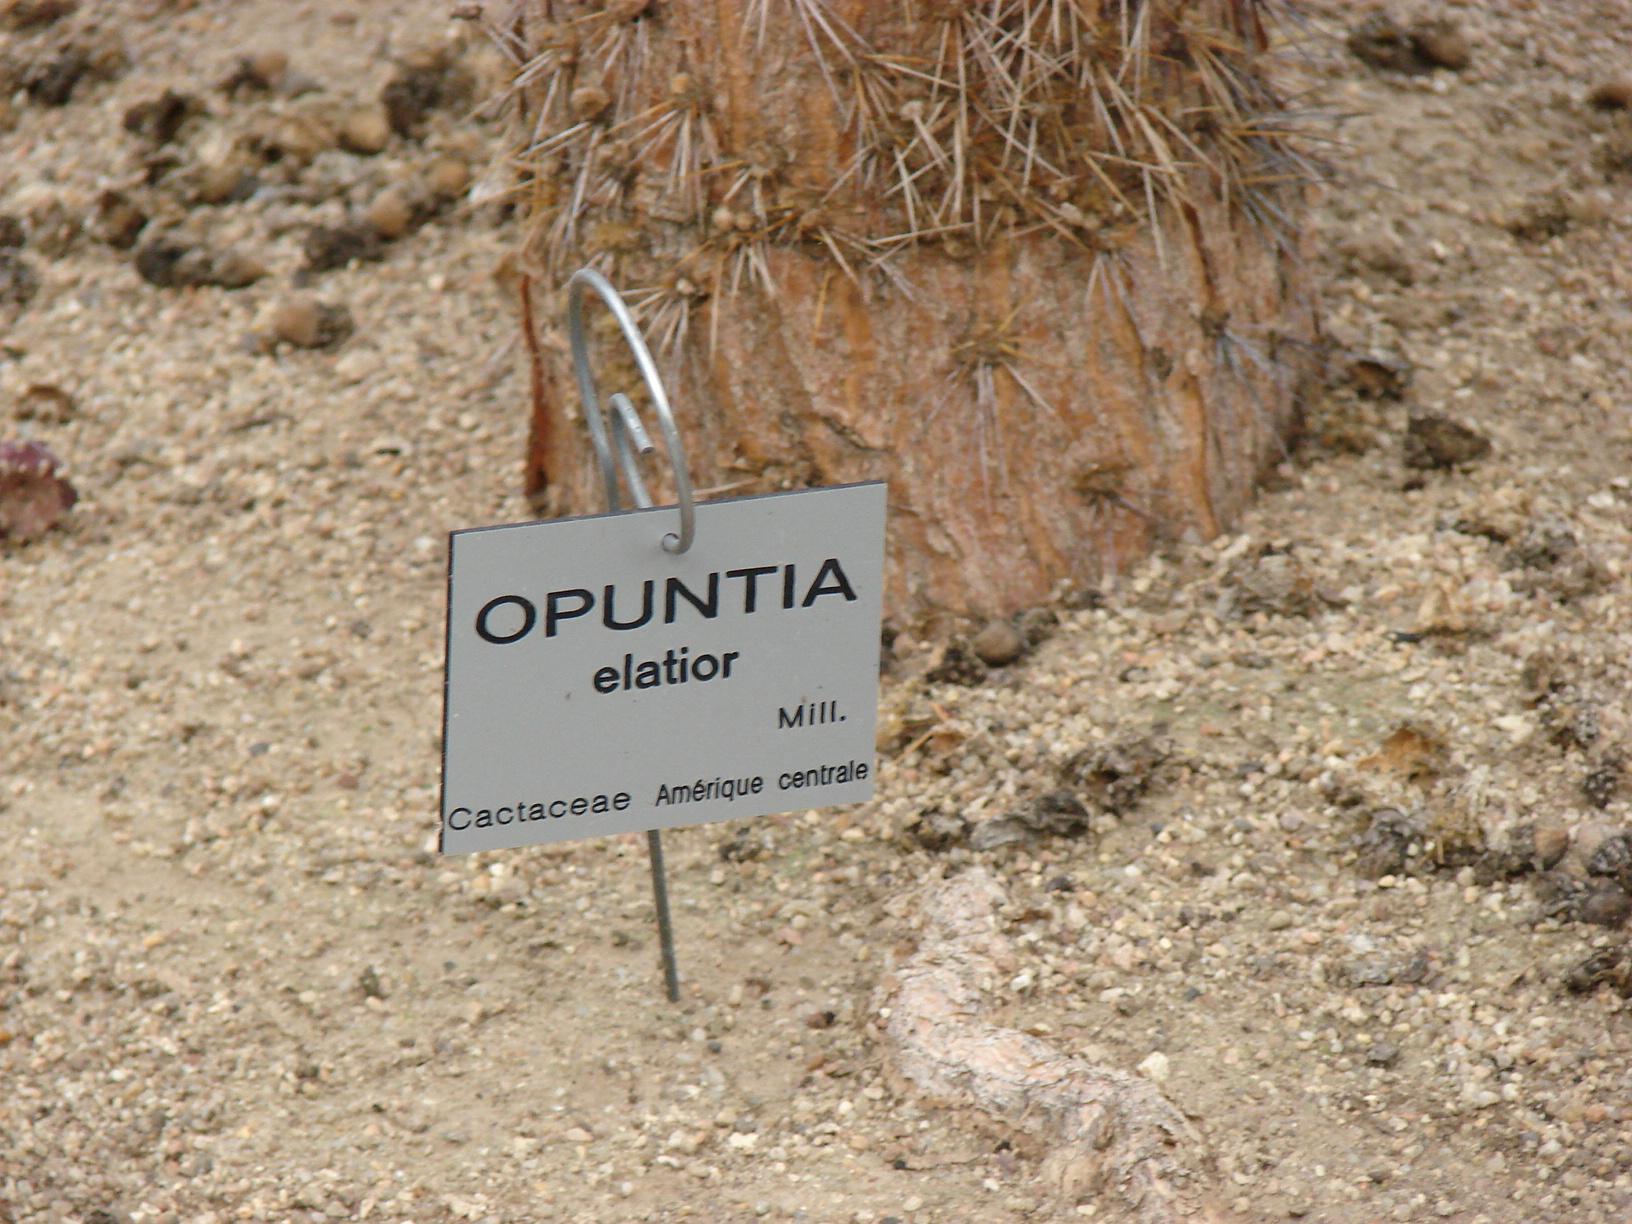 Opuntia elatior Opuntia_elatior_2